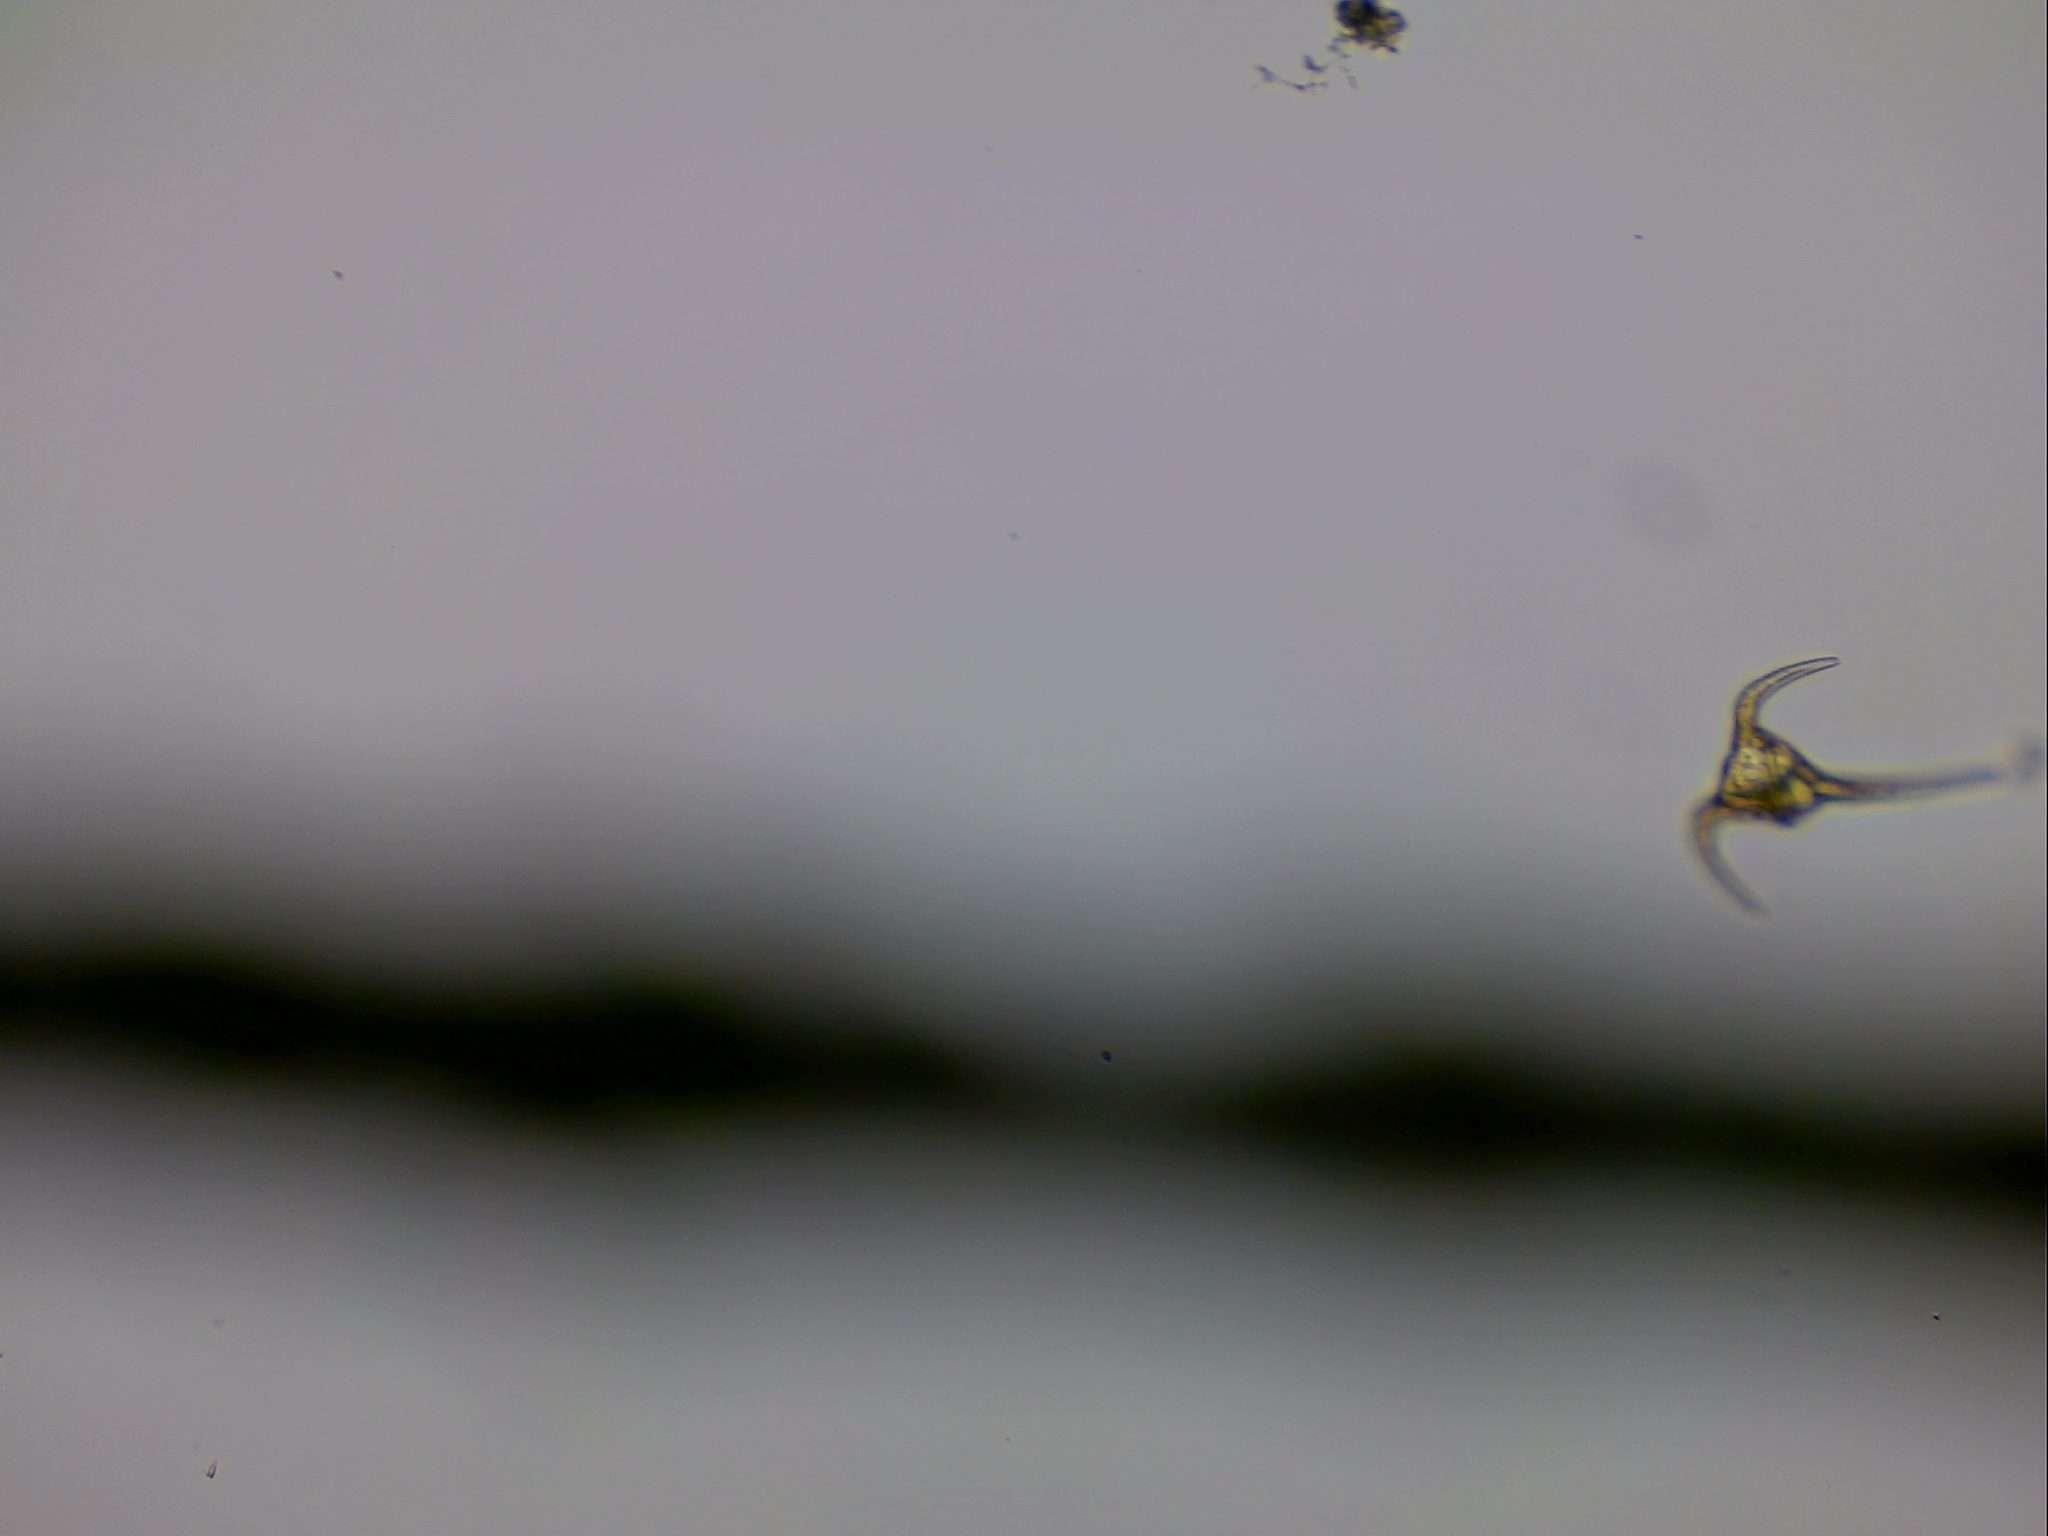 Longipes, Phytoplankton